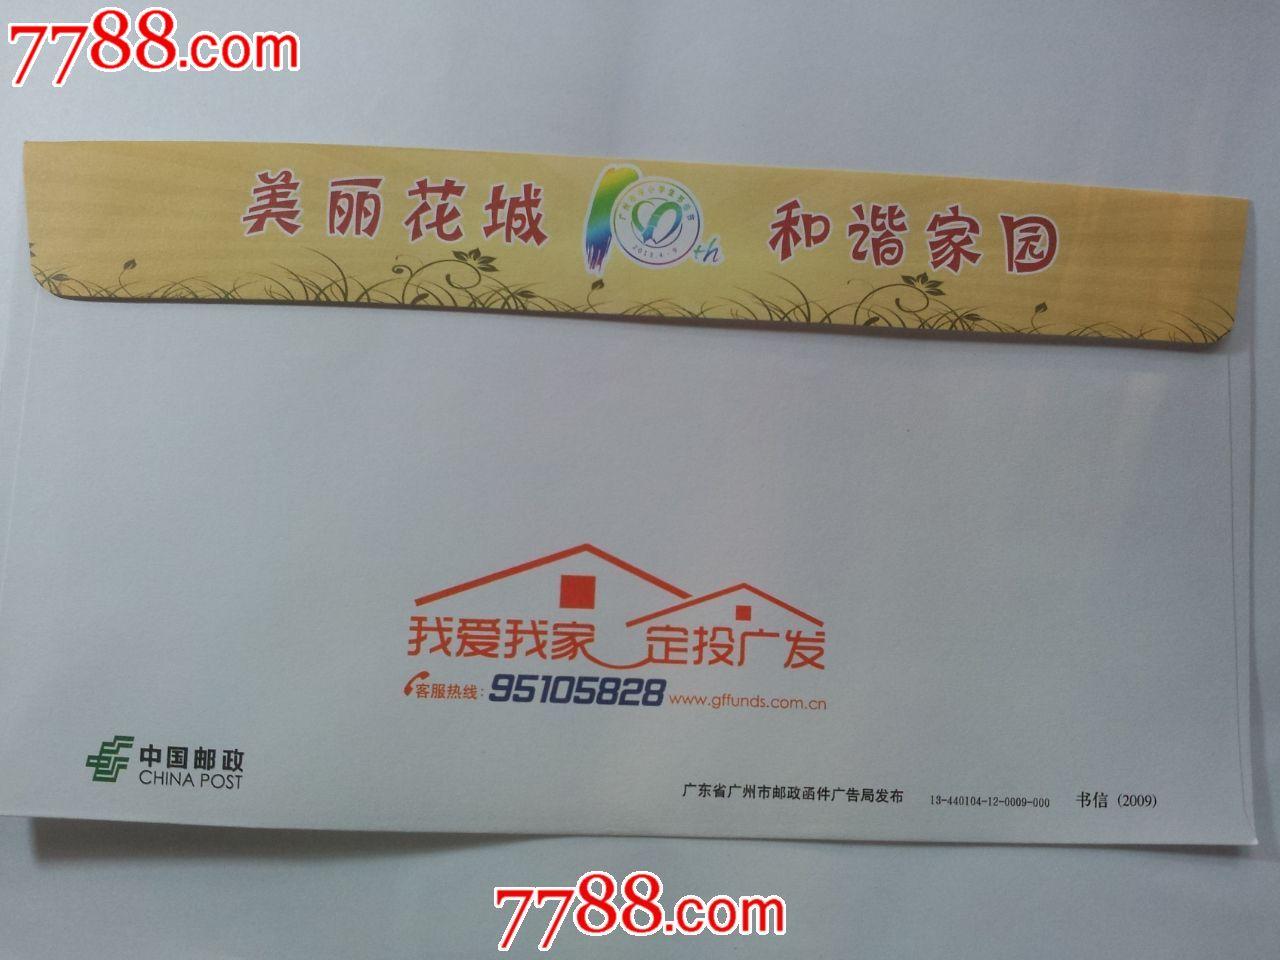 2013年广州第十届中小学生书信节-se2374476小学个人档案的背景图片图片